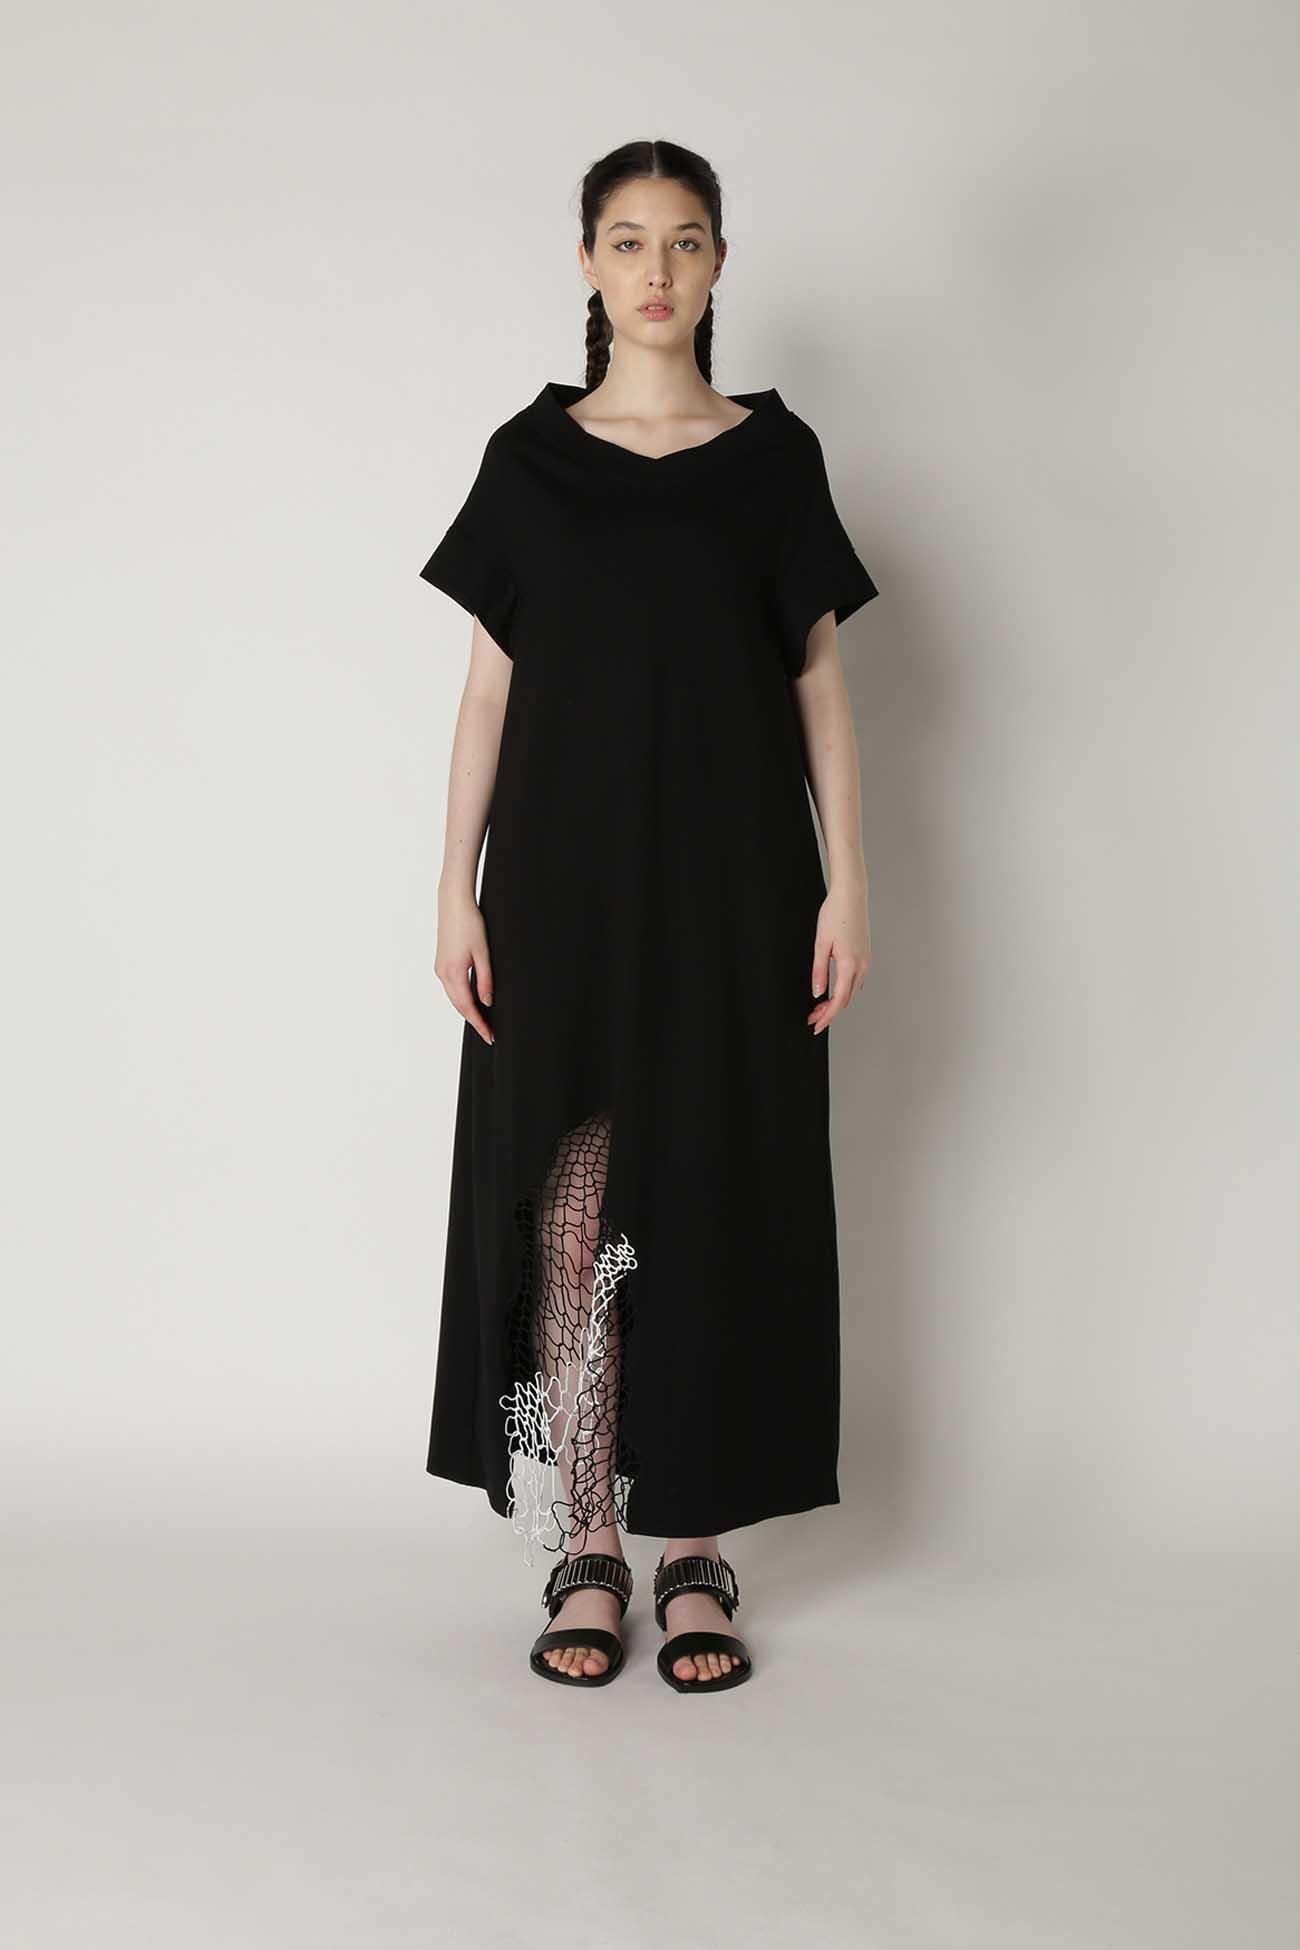 Random Net Embroidery V-Neck Dress